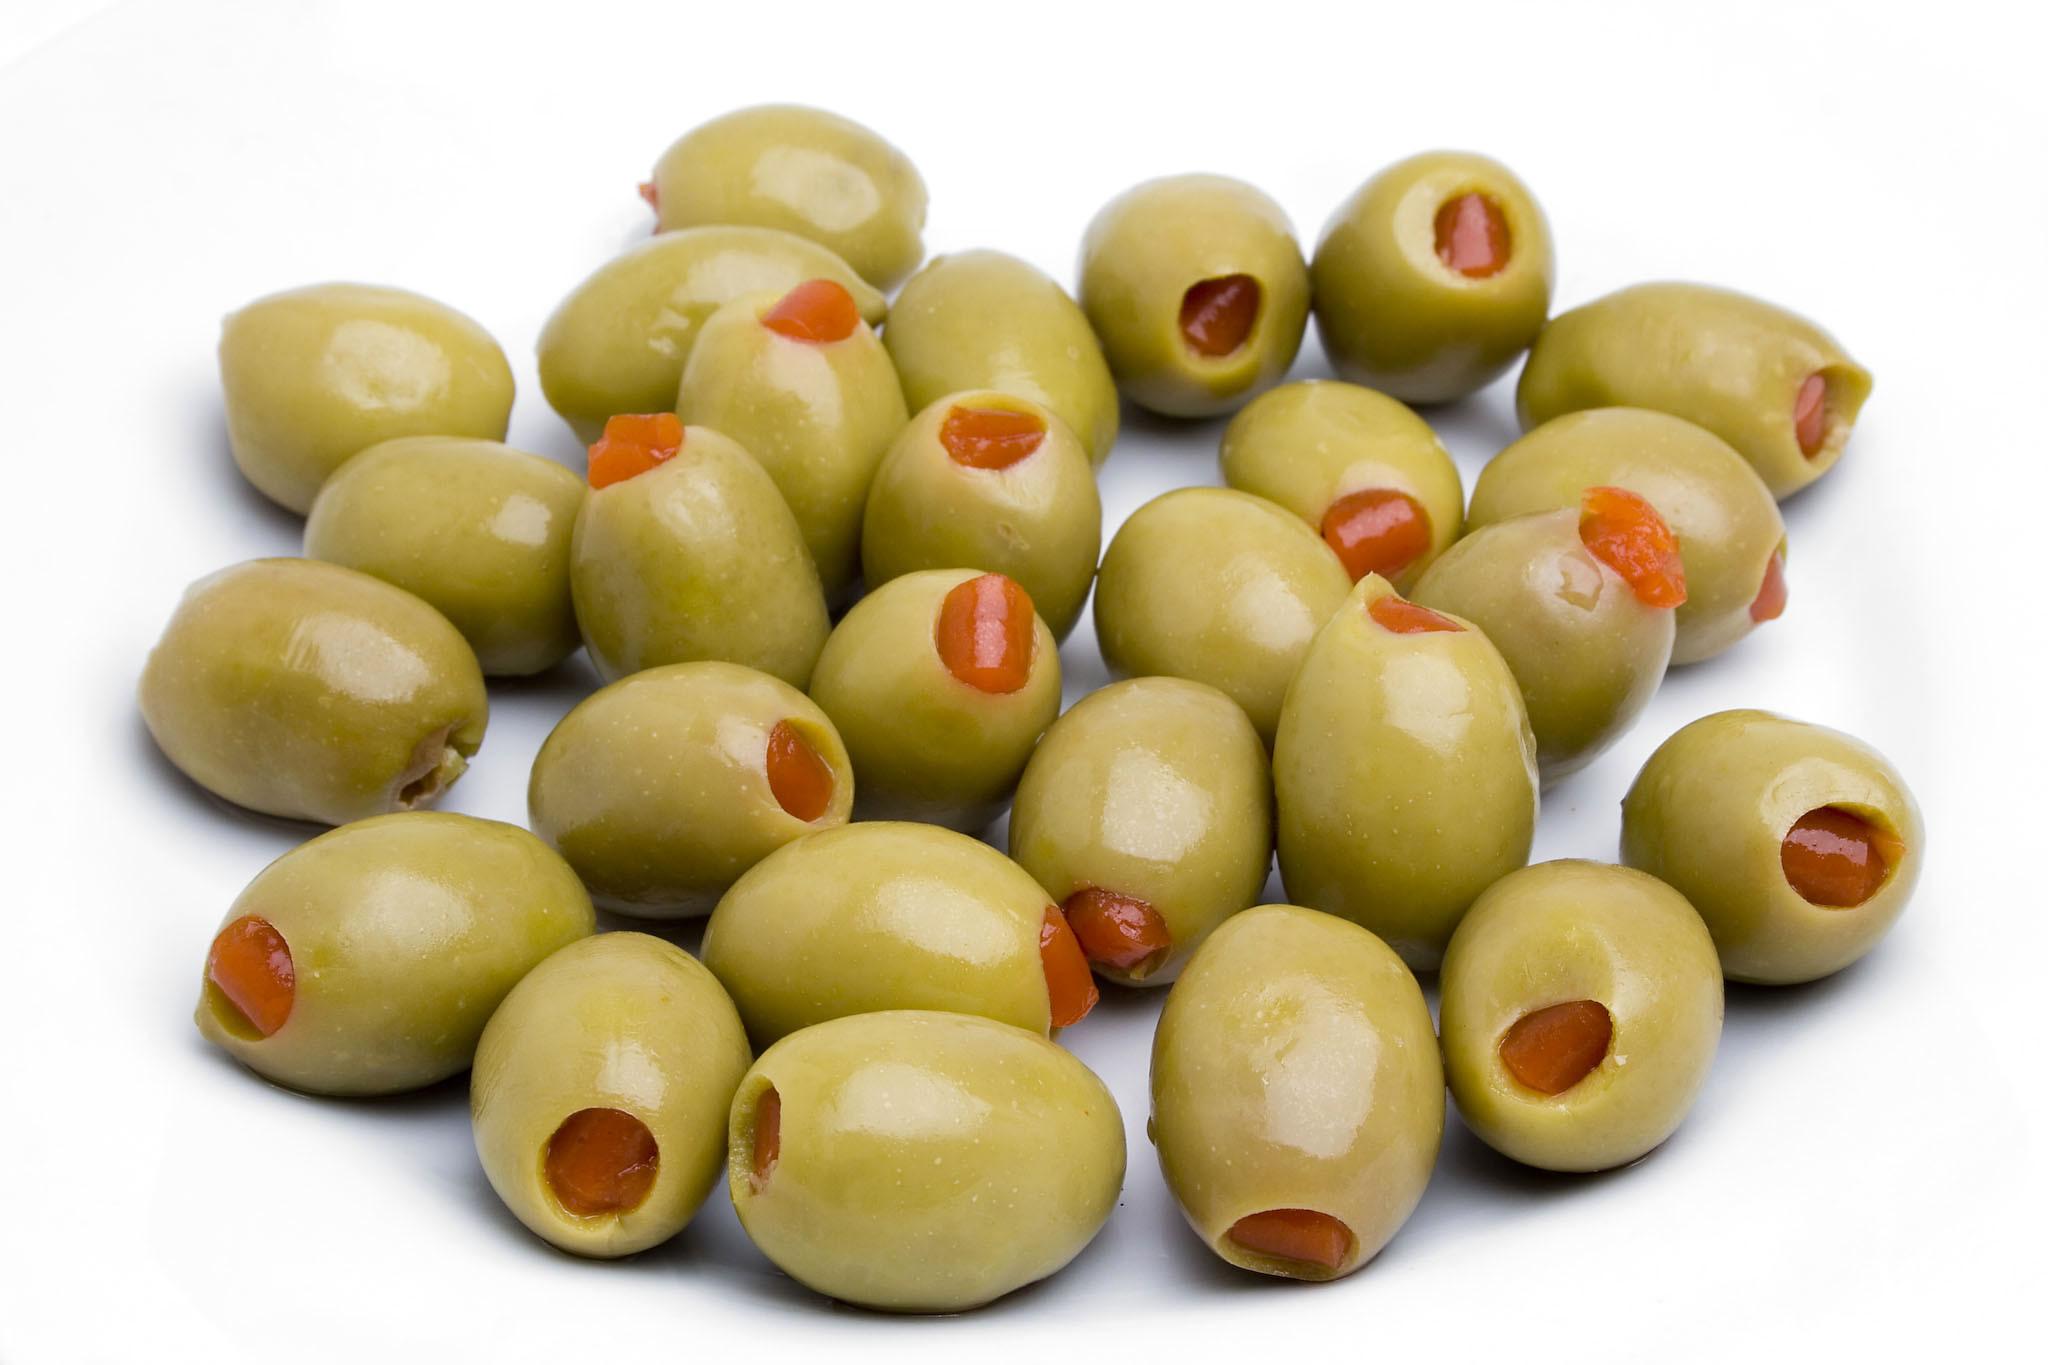 Oliivid rohelised paprika täidisega 1kg ARCO